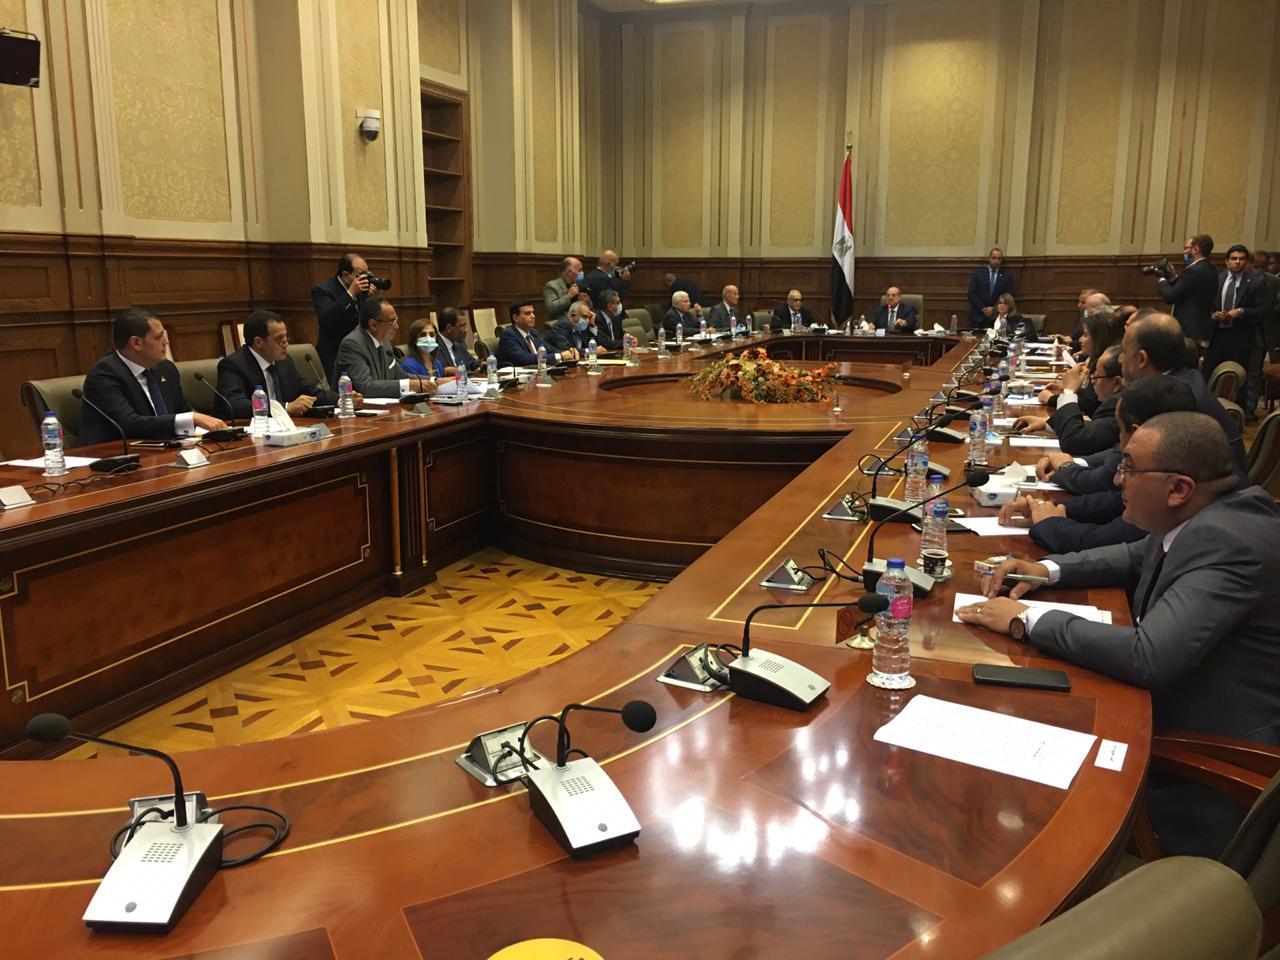 بدء الاجتماع الرابع لـ لجنة اعداد لائحة مجلس اشيوخ